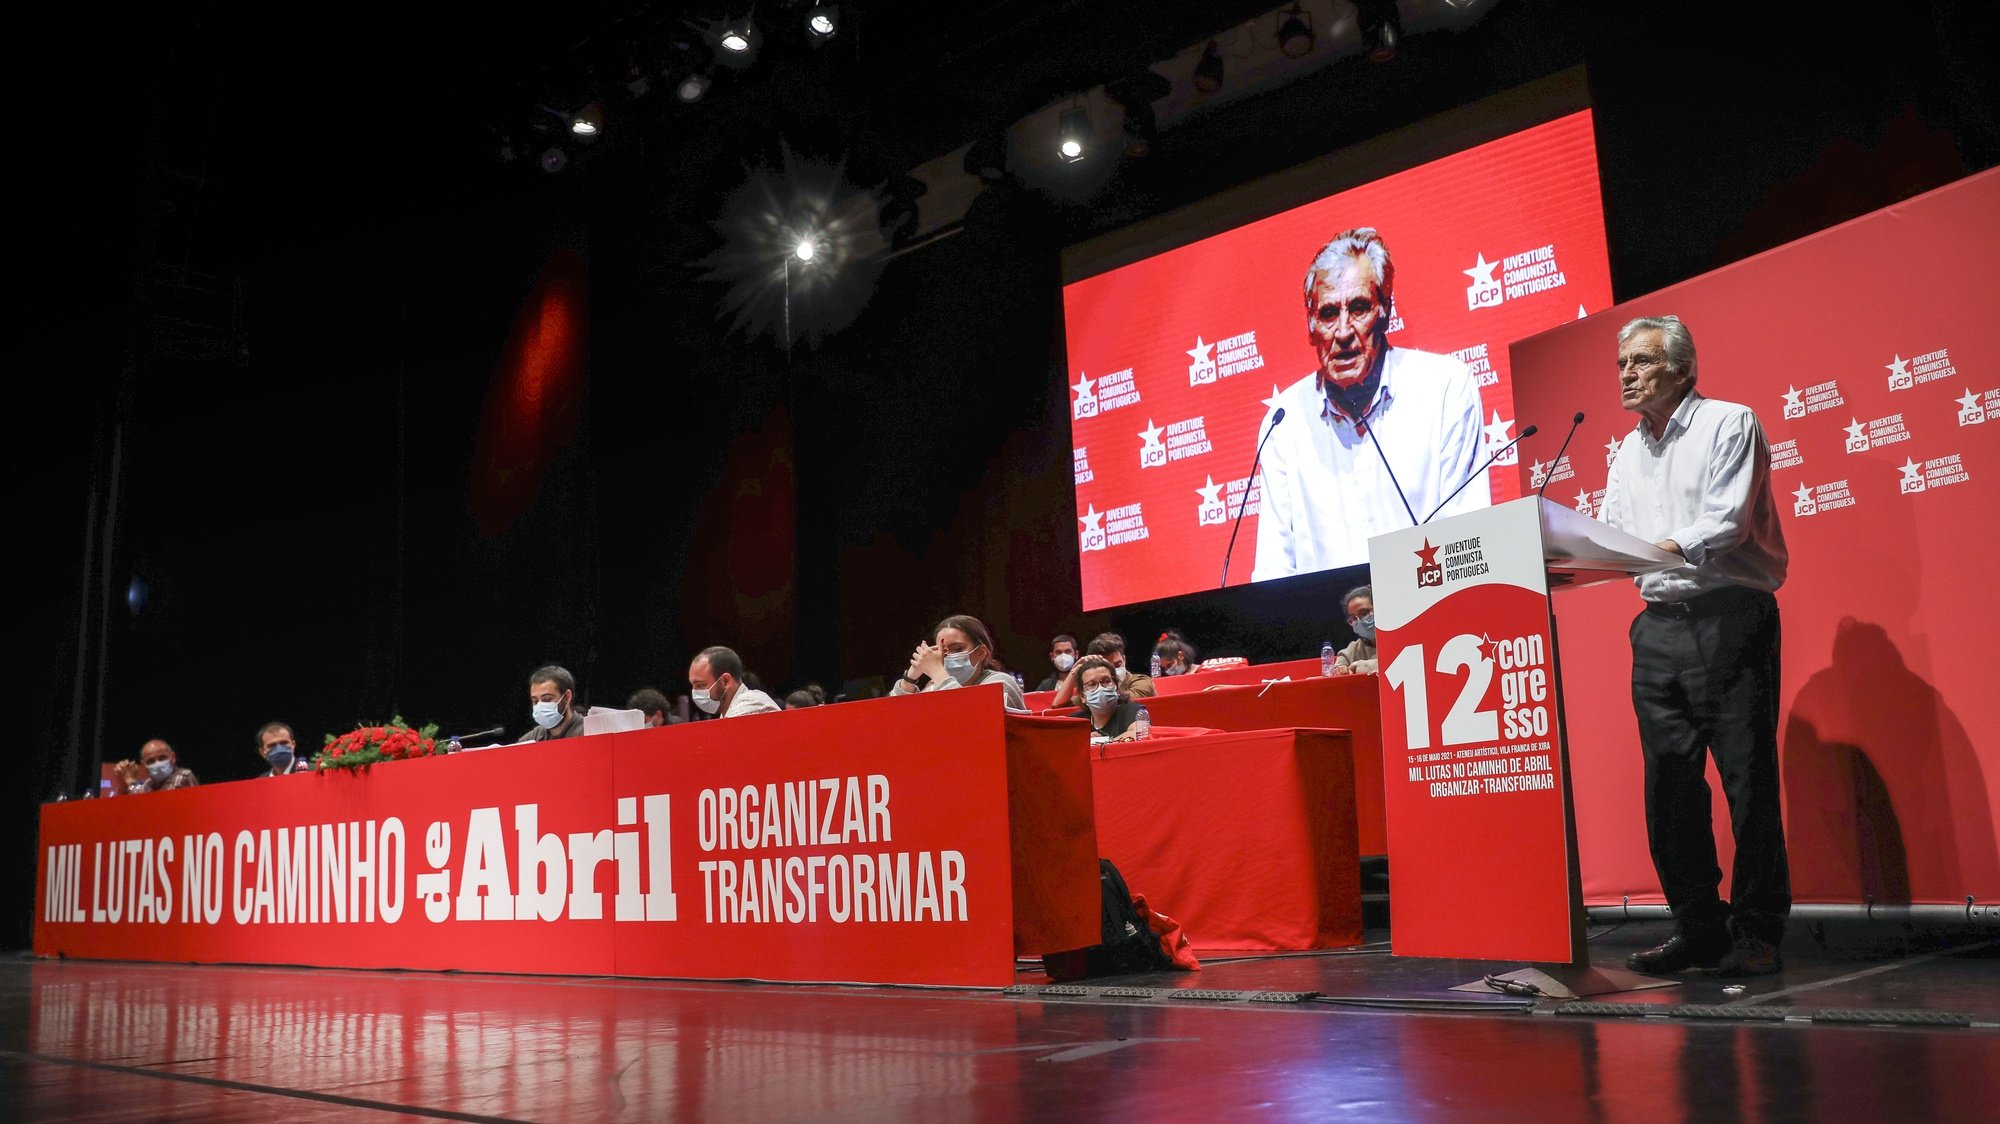 O secretário-geral do Partido Comunista Português (PCP), Jerónimo de Sousa (D), intervém no encerramento do 12.º congresso da Juventude Comunista Portuguesa, esta tarde em Vila Franca de Xira, 16 de maio de 2021. MIGUEL A. LOPES/LUSA